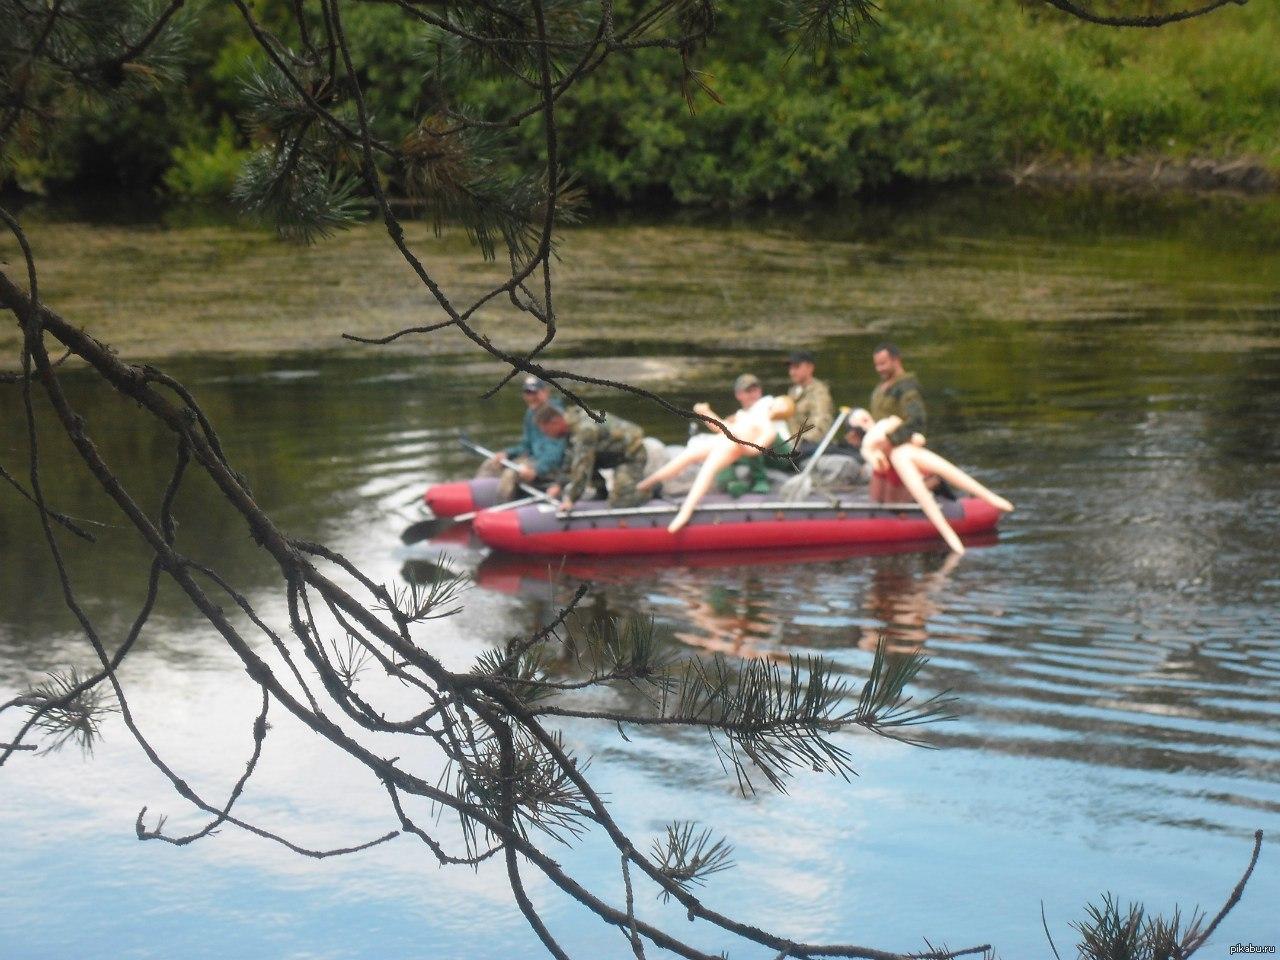 самом деле прикольные картинки про сплав по реке предвестник весны, цветущий